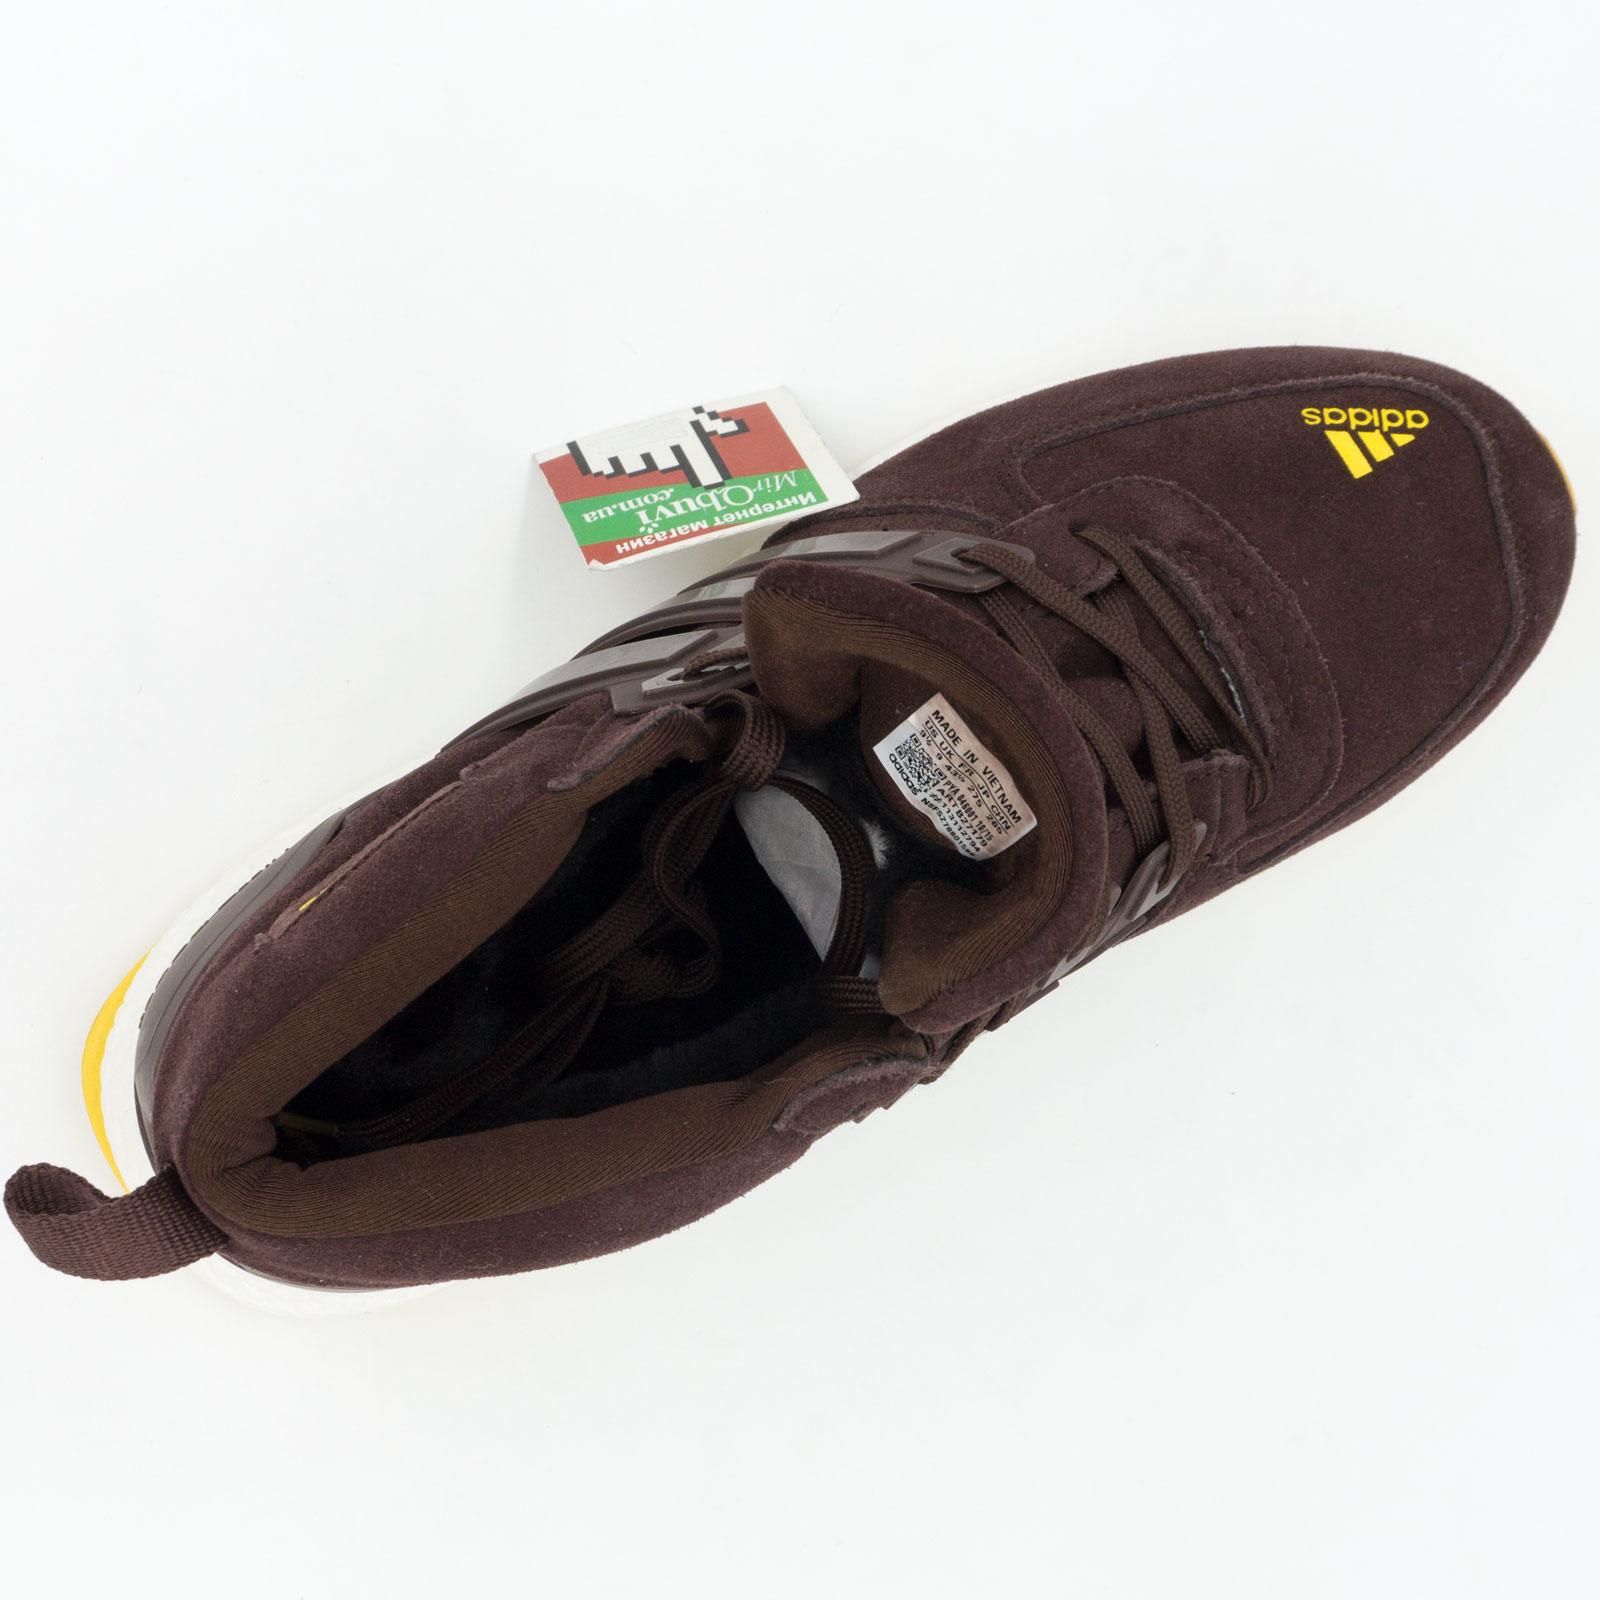 большое фото №5 Зимние кроссовки Adidas Ultra Boost коричневые. Топ качество